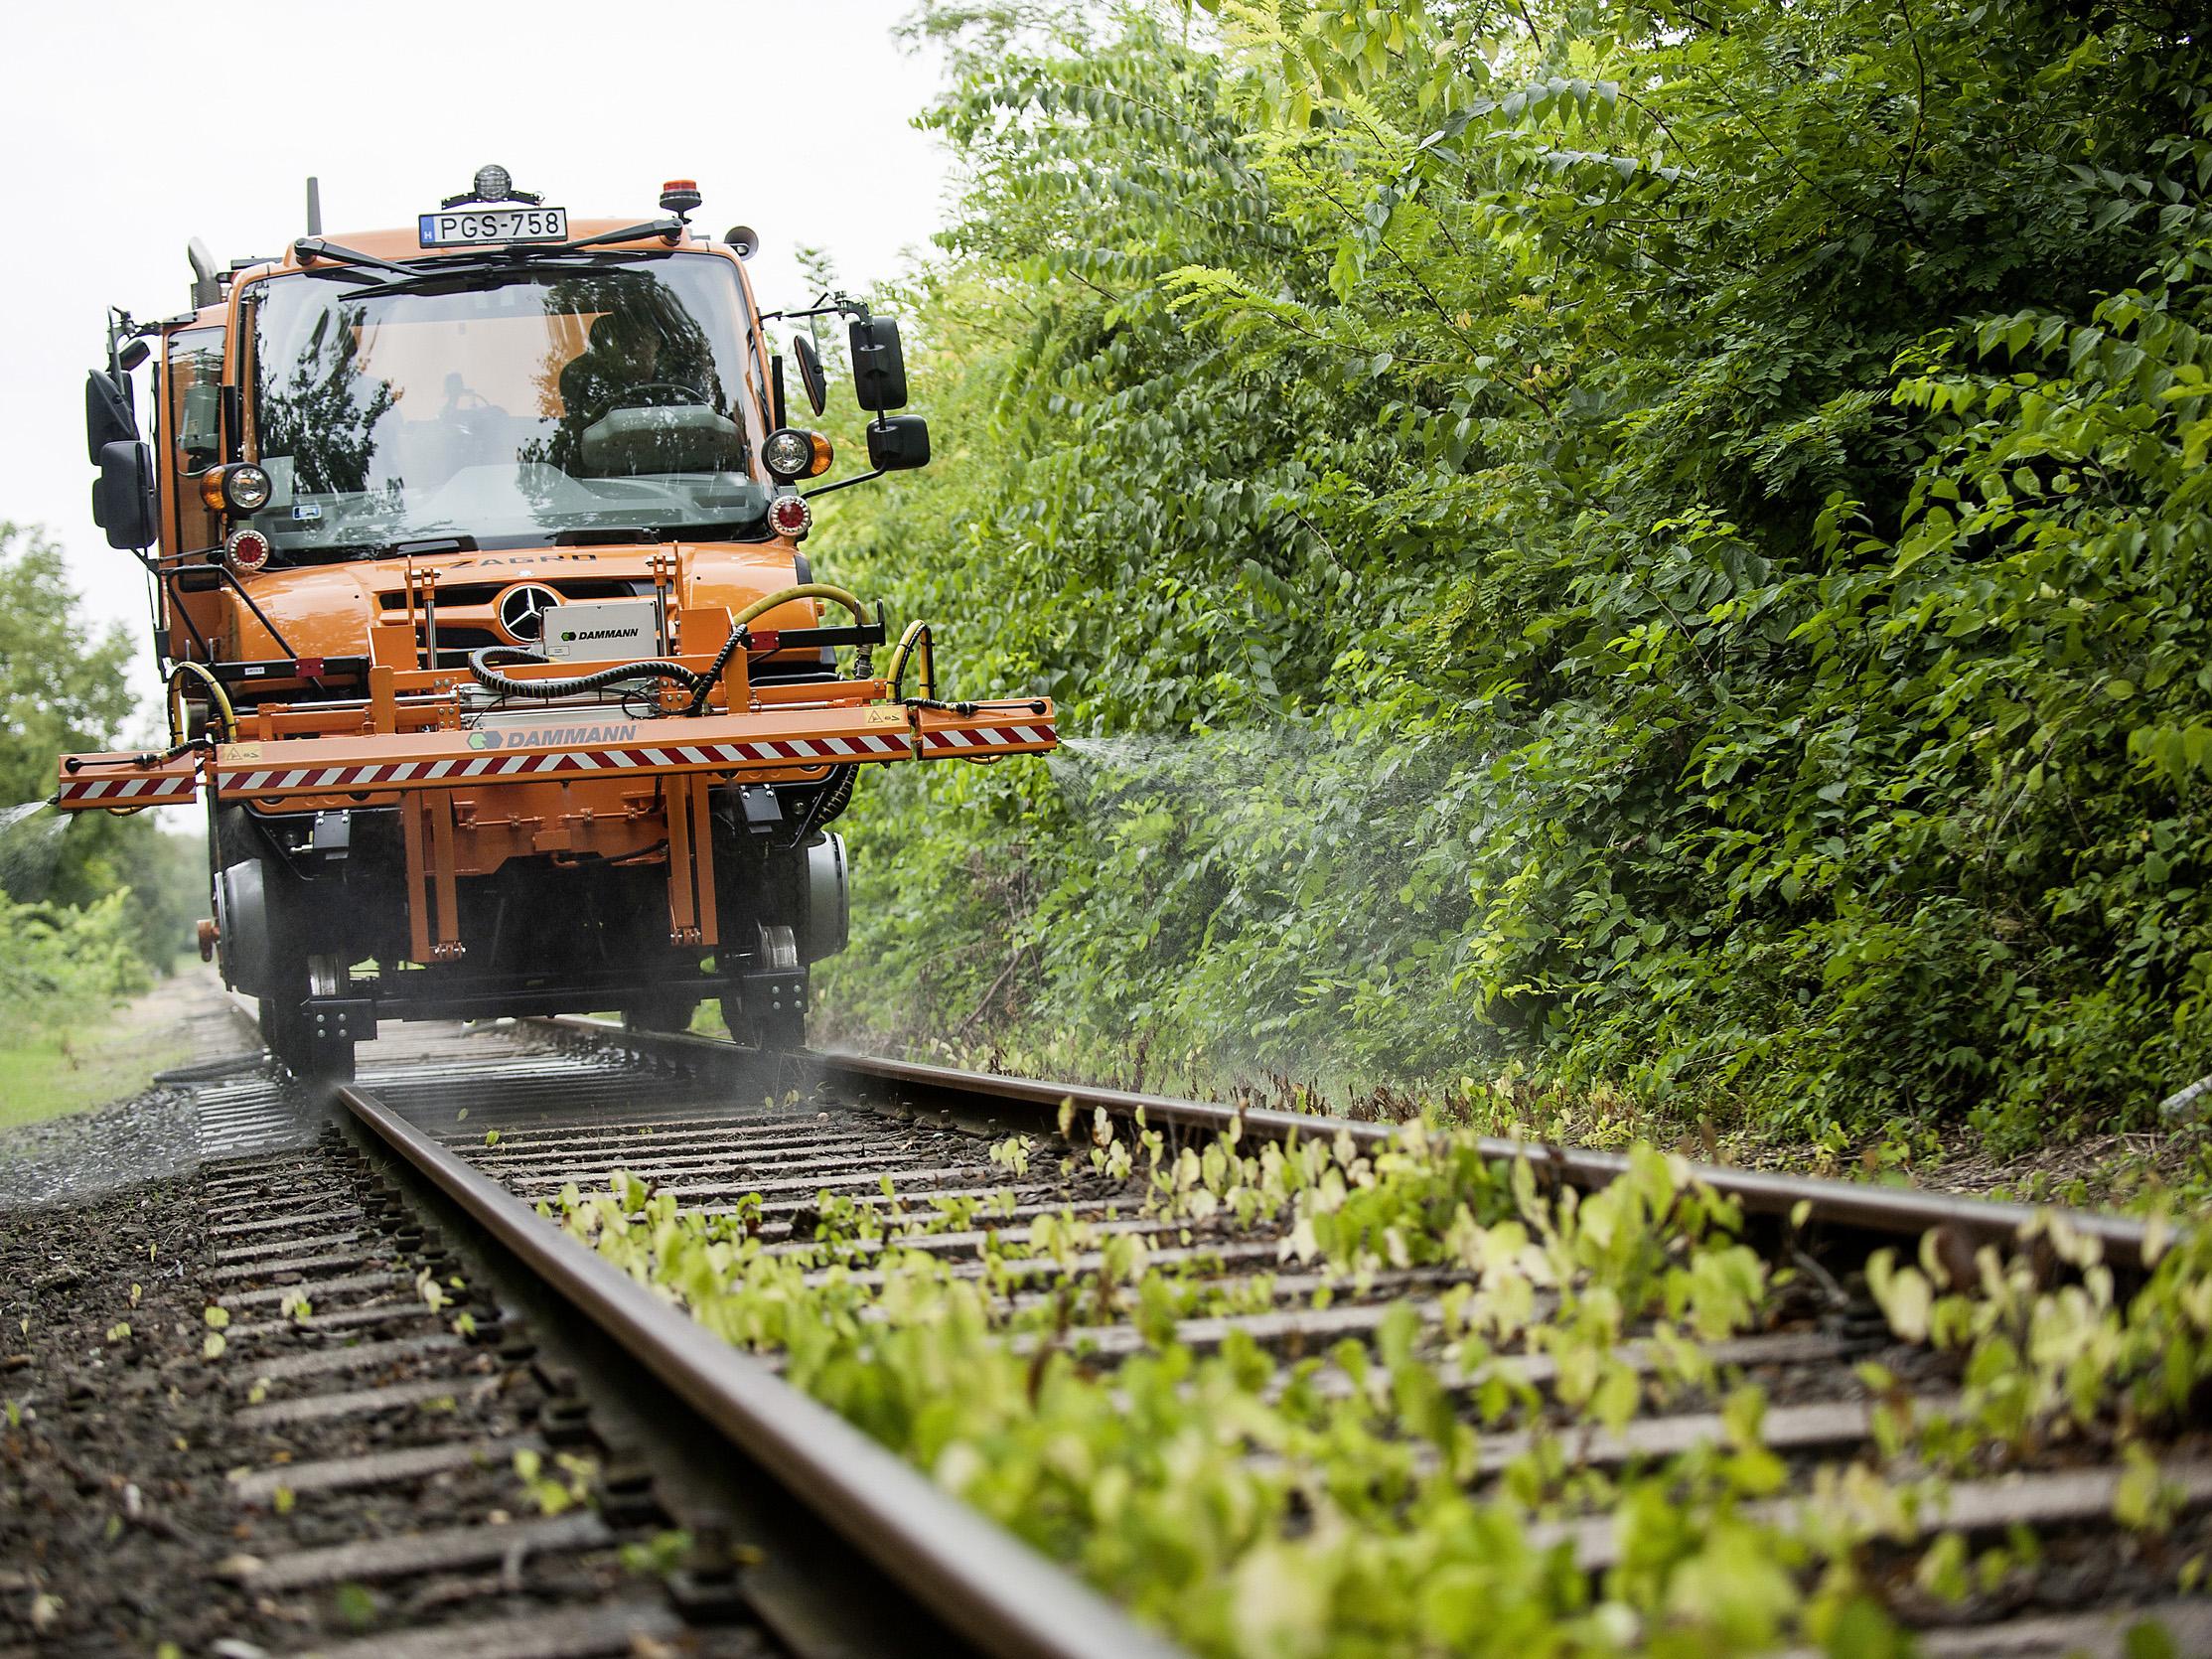 Ungarische Staatsbahn (MÁV) investiert in Schienennetz-Instandhaltung: Neun Mercedes-Benz Unimog U 423 für den Einsatz auf Straße und Schiene